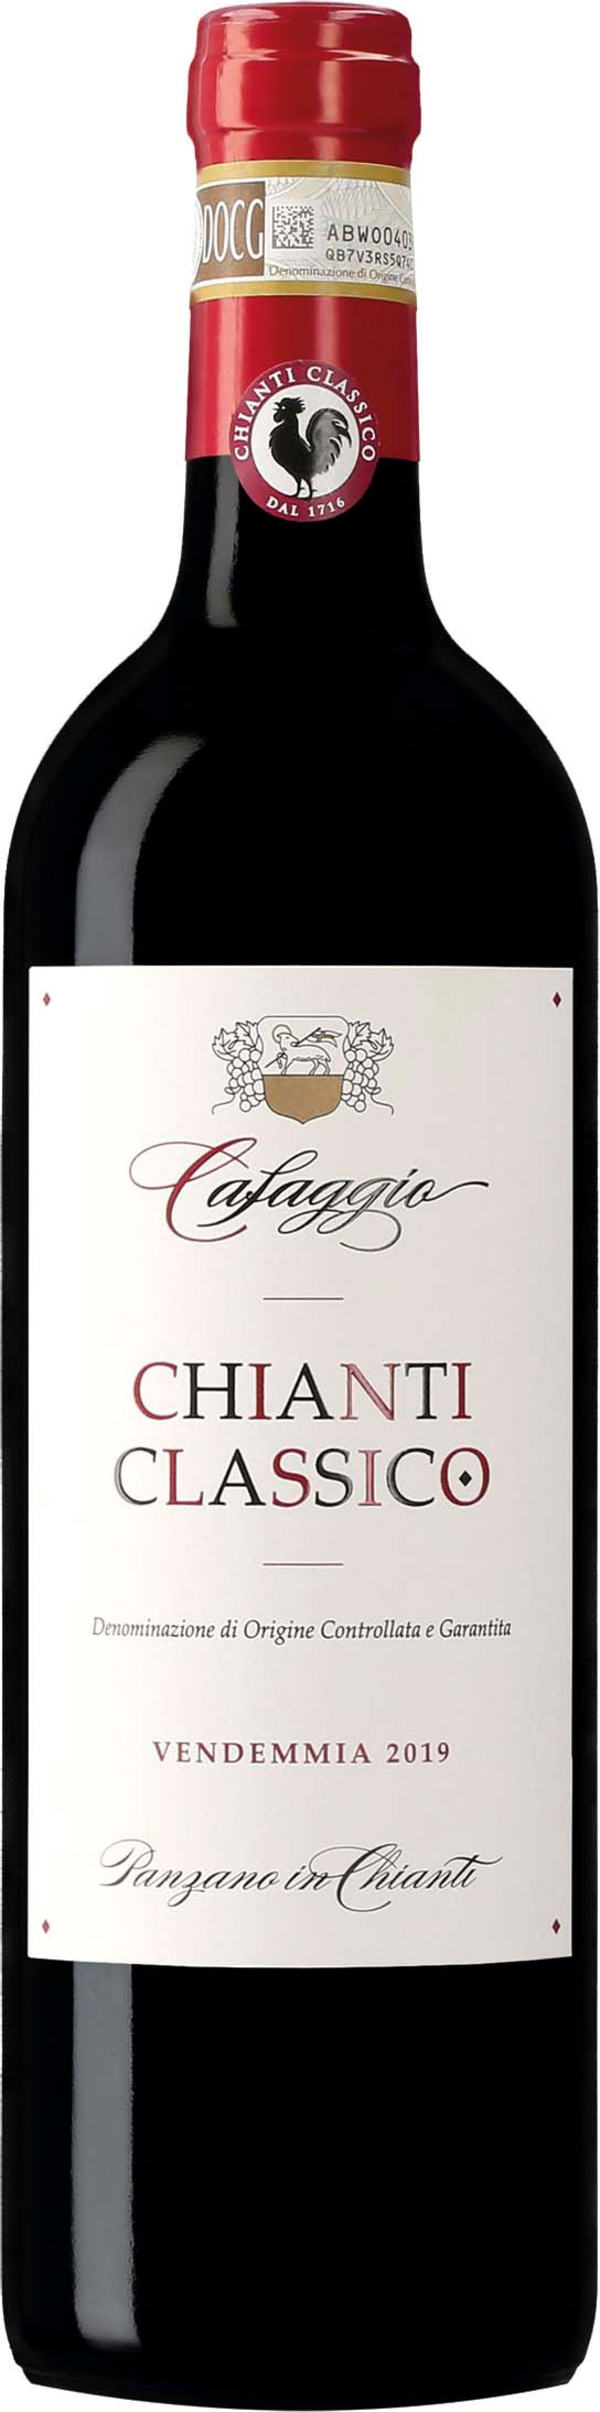 Villa Cafaggio Chianti Classico 2013